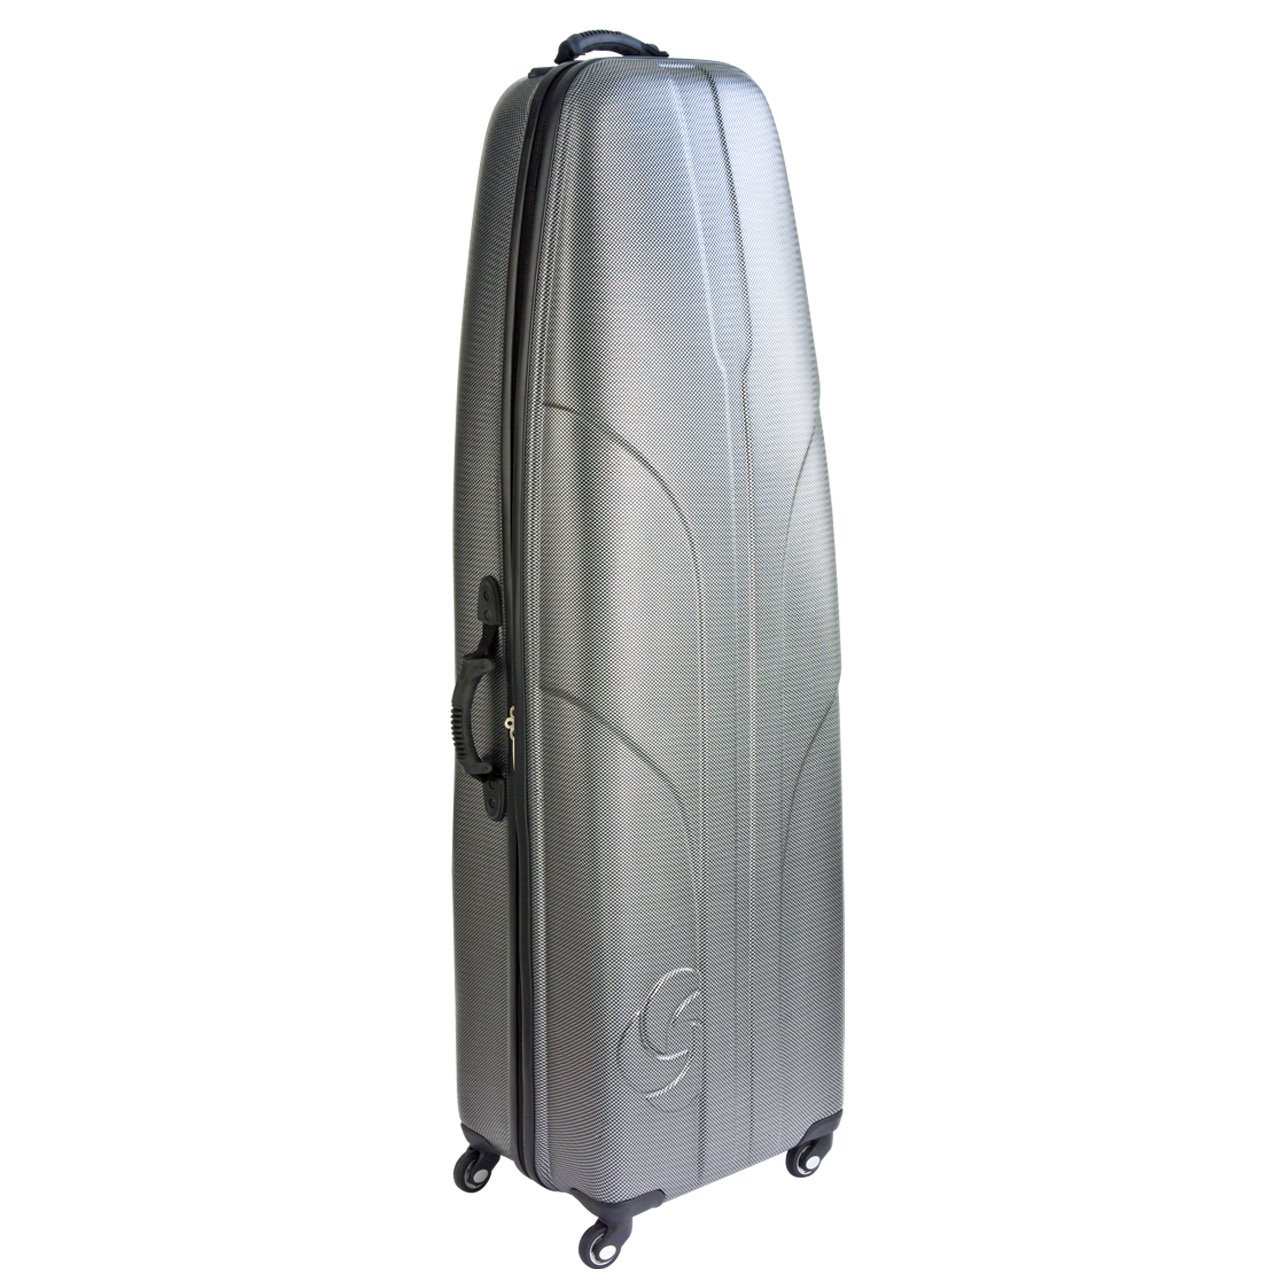 (サムソナイト) Samsoniteゴルフバッグカバーケース 旅行用 ハードタイプ  チタン B003UR0NSY